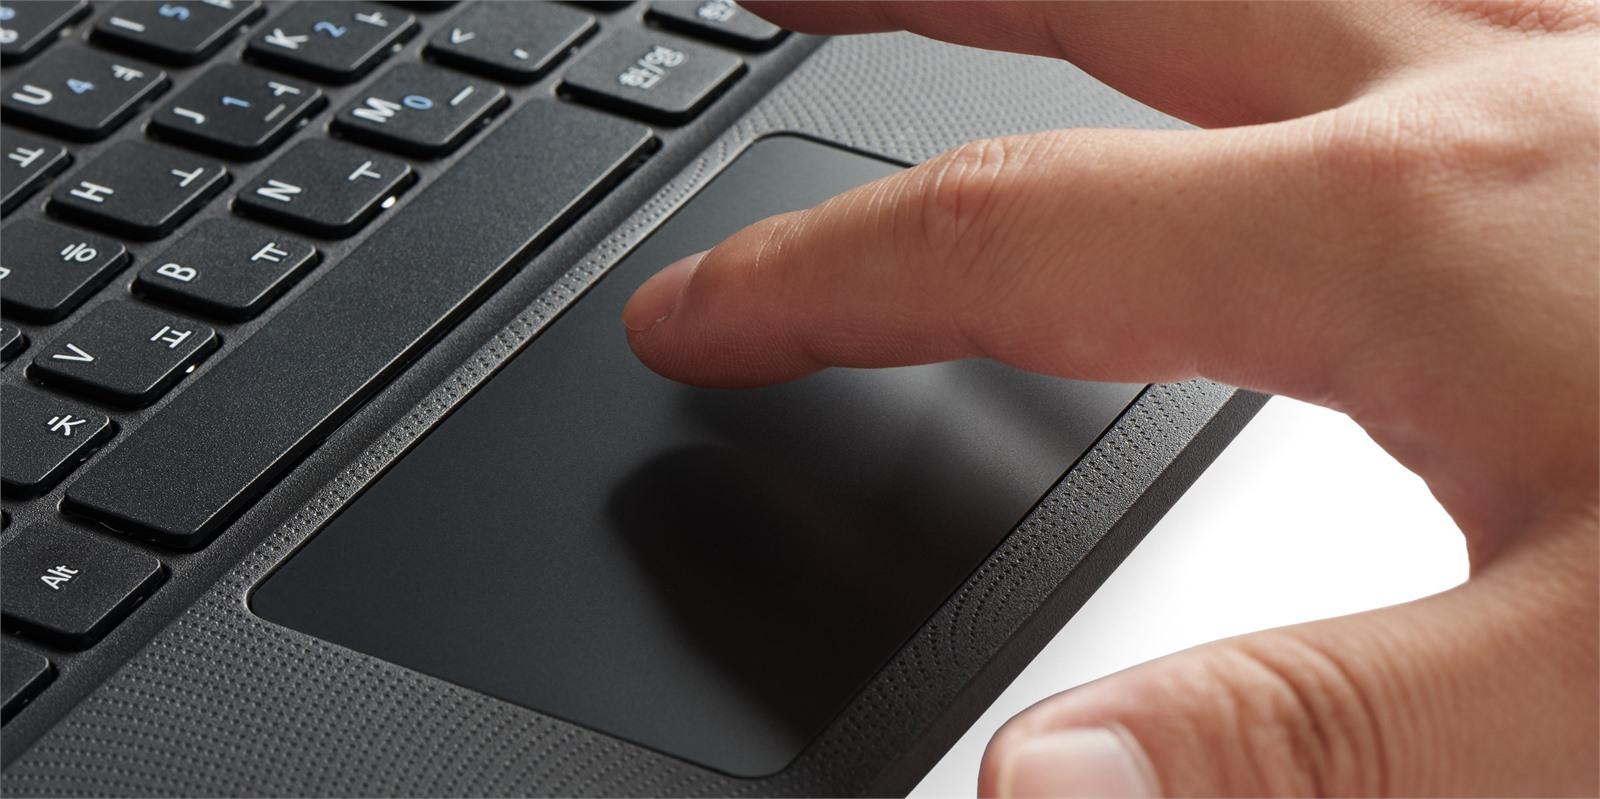 Mẹo sửa laptop chuột cảm ứng bị lỗi không click được